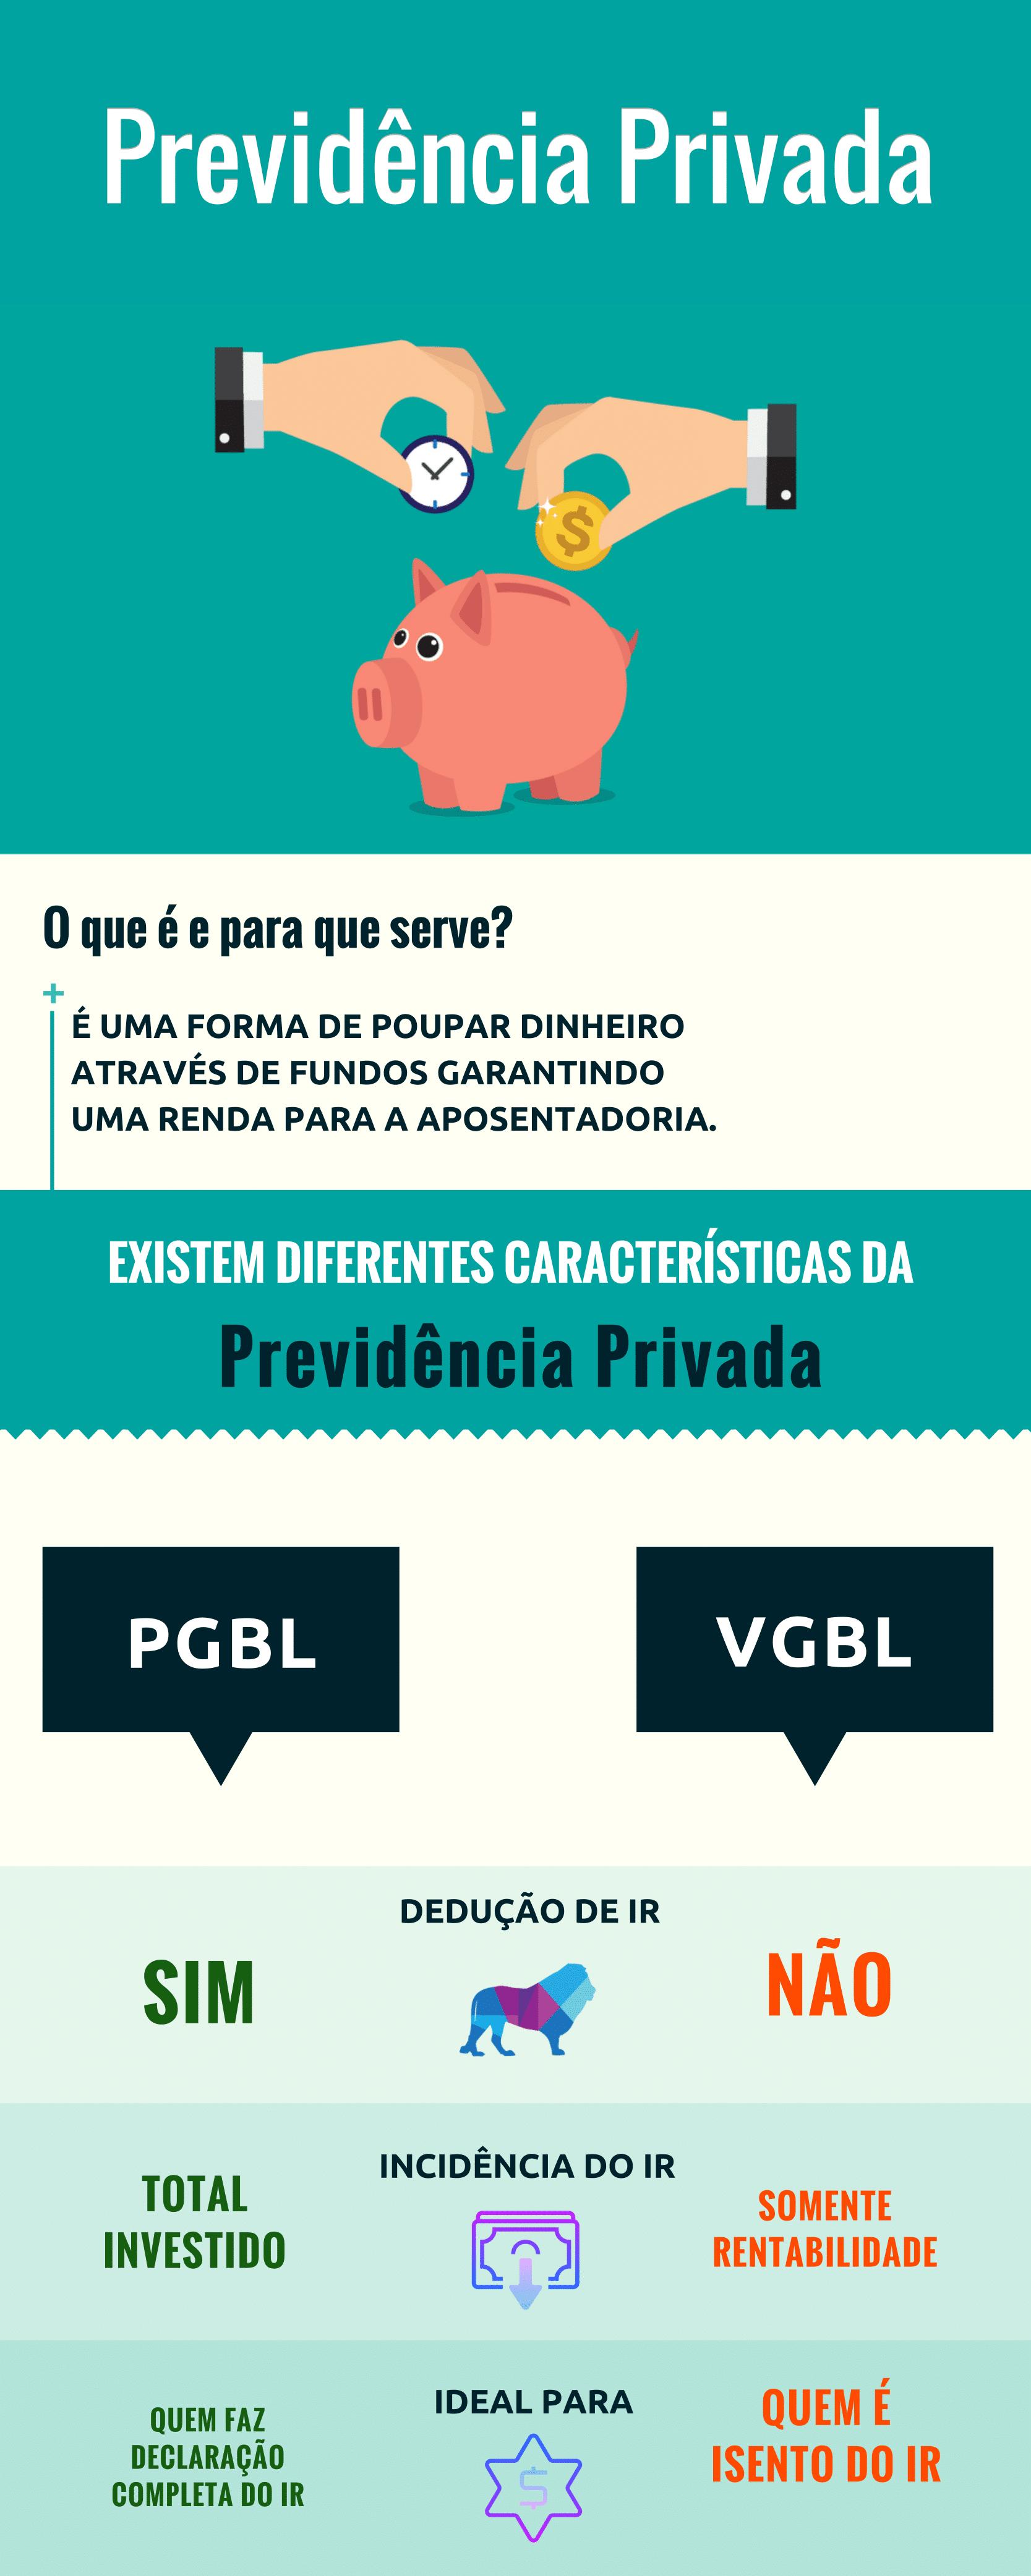 Como Funciona a Previdência Privada: PGBL ou VGBL